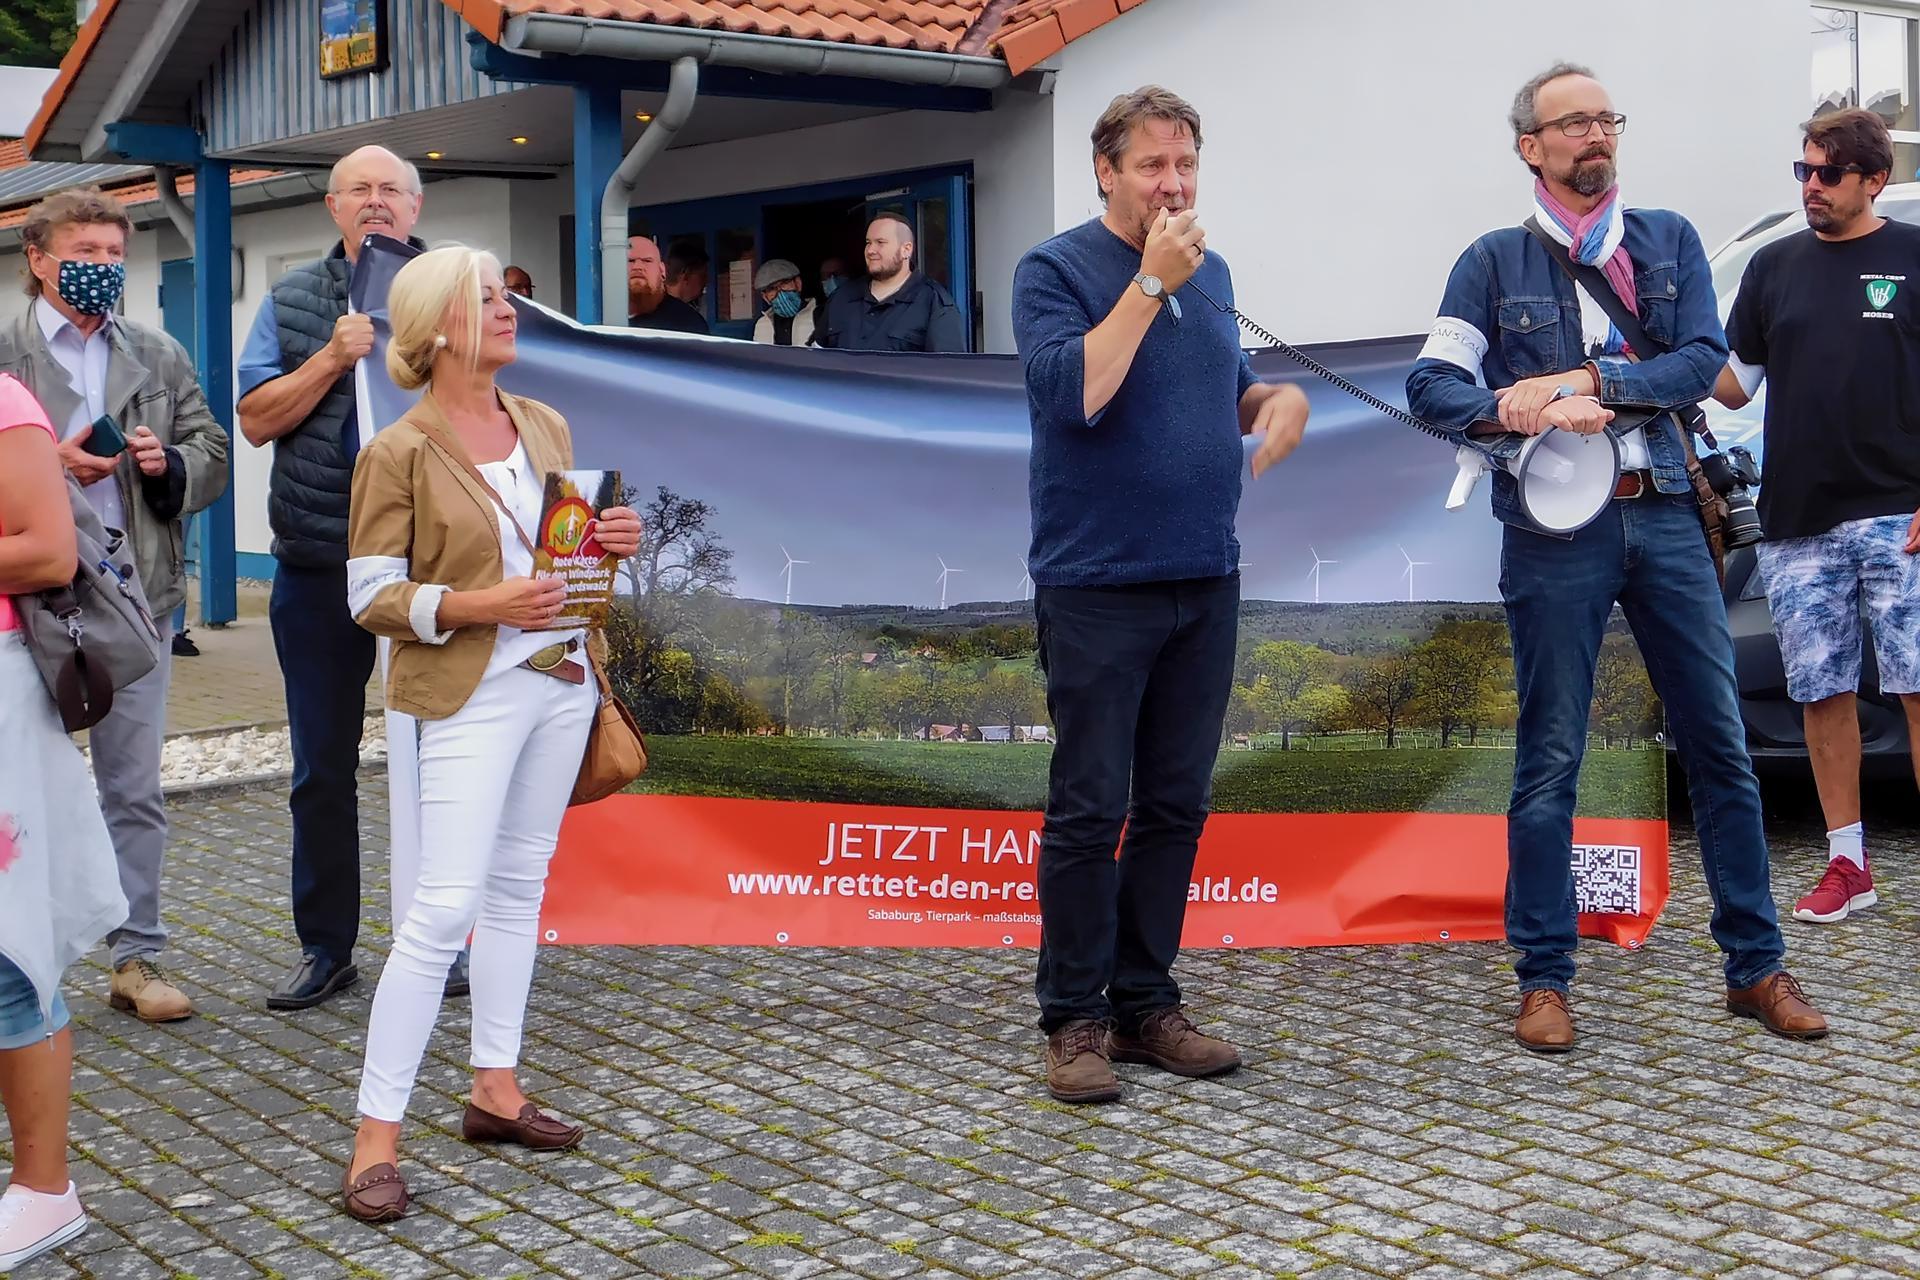 Chrisitan Trappe Pfarrer aus Lippoldsberg spricht zu den Demonstranden